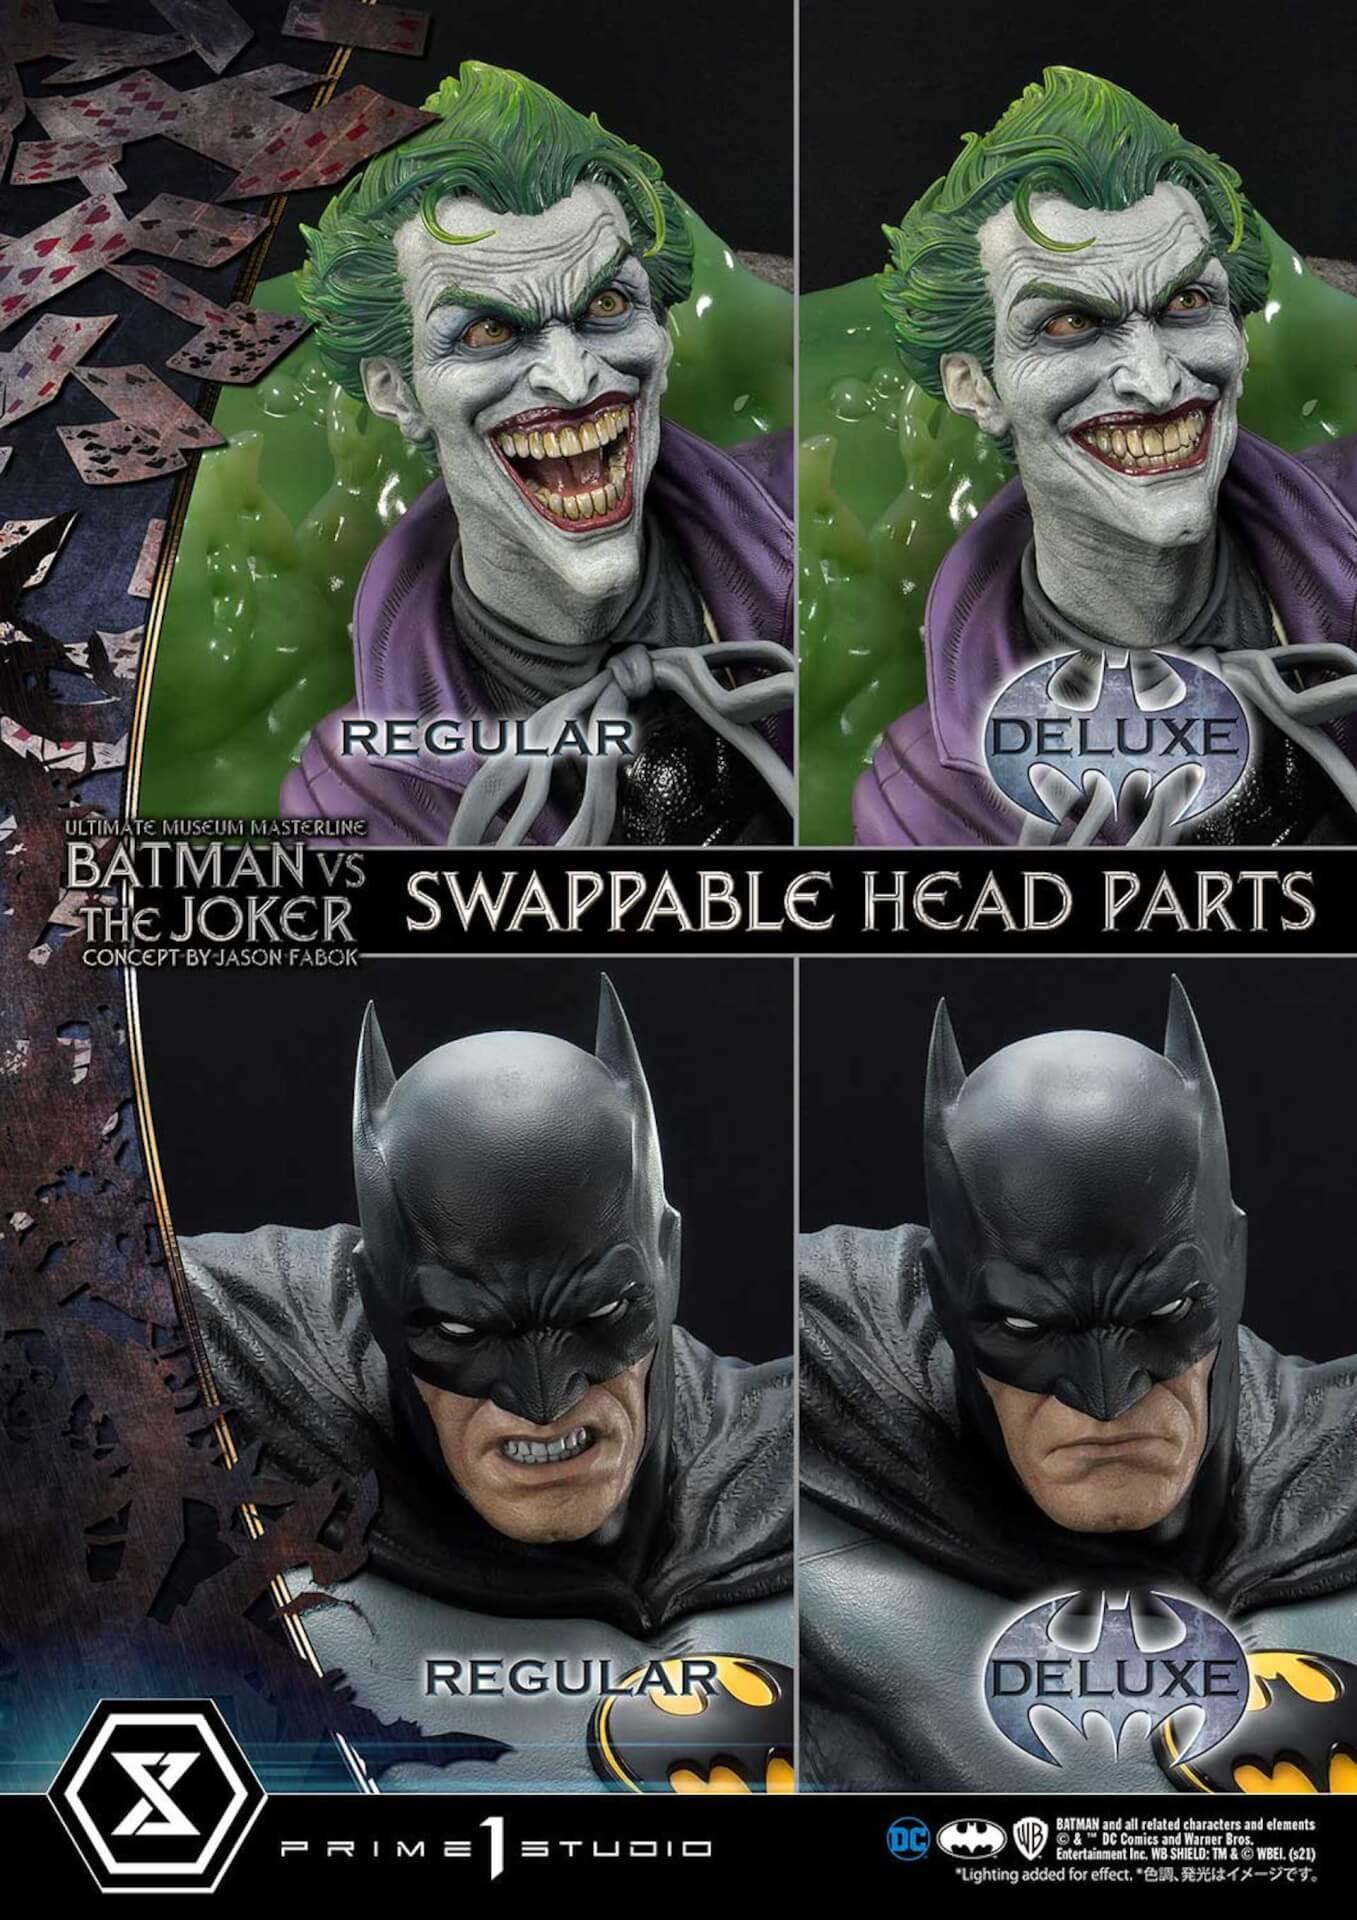 """バットマンとジョーカーによる永遠の戦いがフィギュアに!「バットマンVSジョーカー """"コンセプト by ジェイソン・ファボック""""」が予約受付スタート art211007_batman_joker_figure_5"""